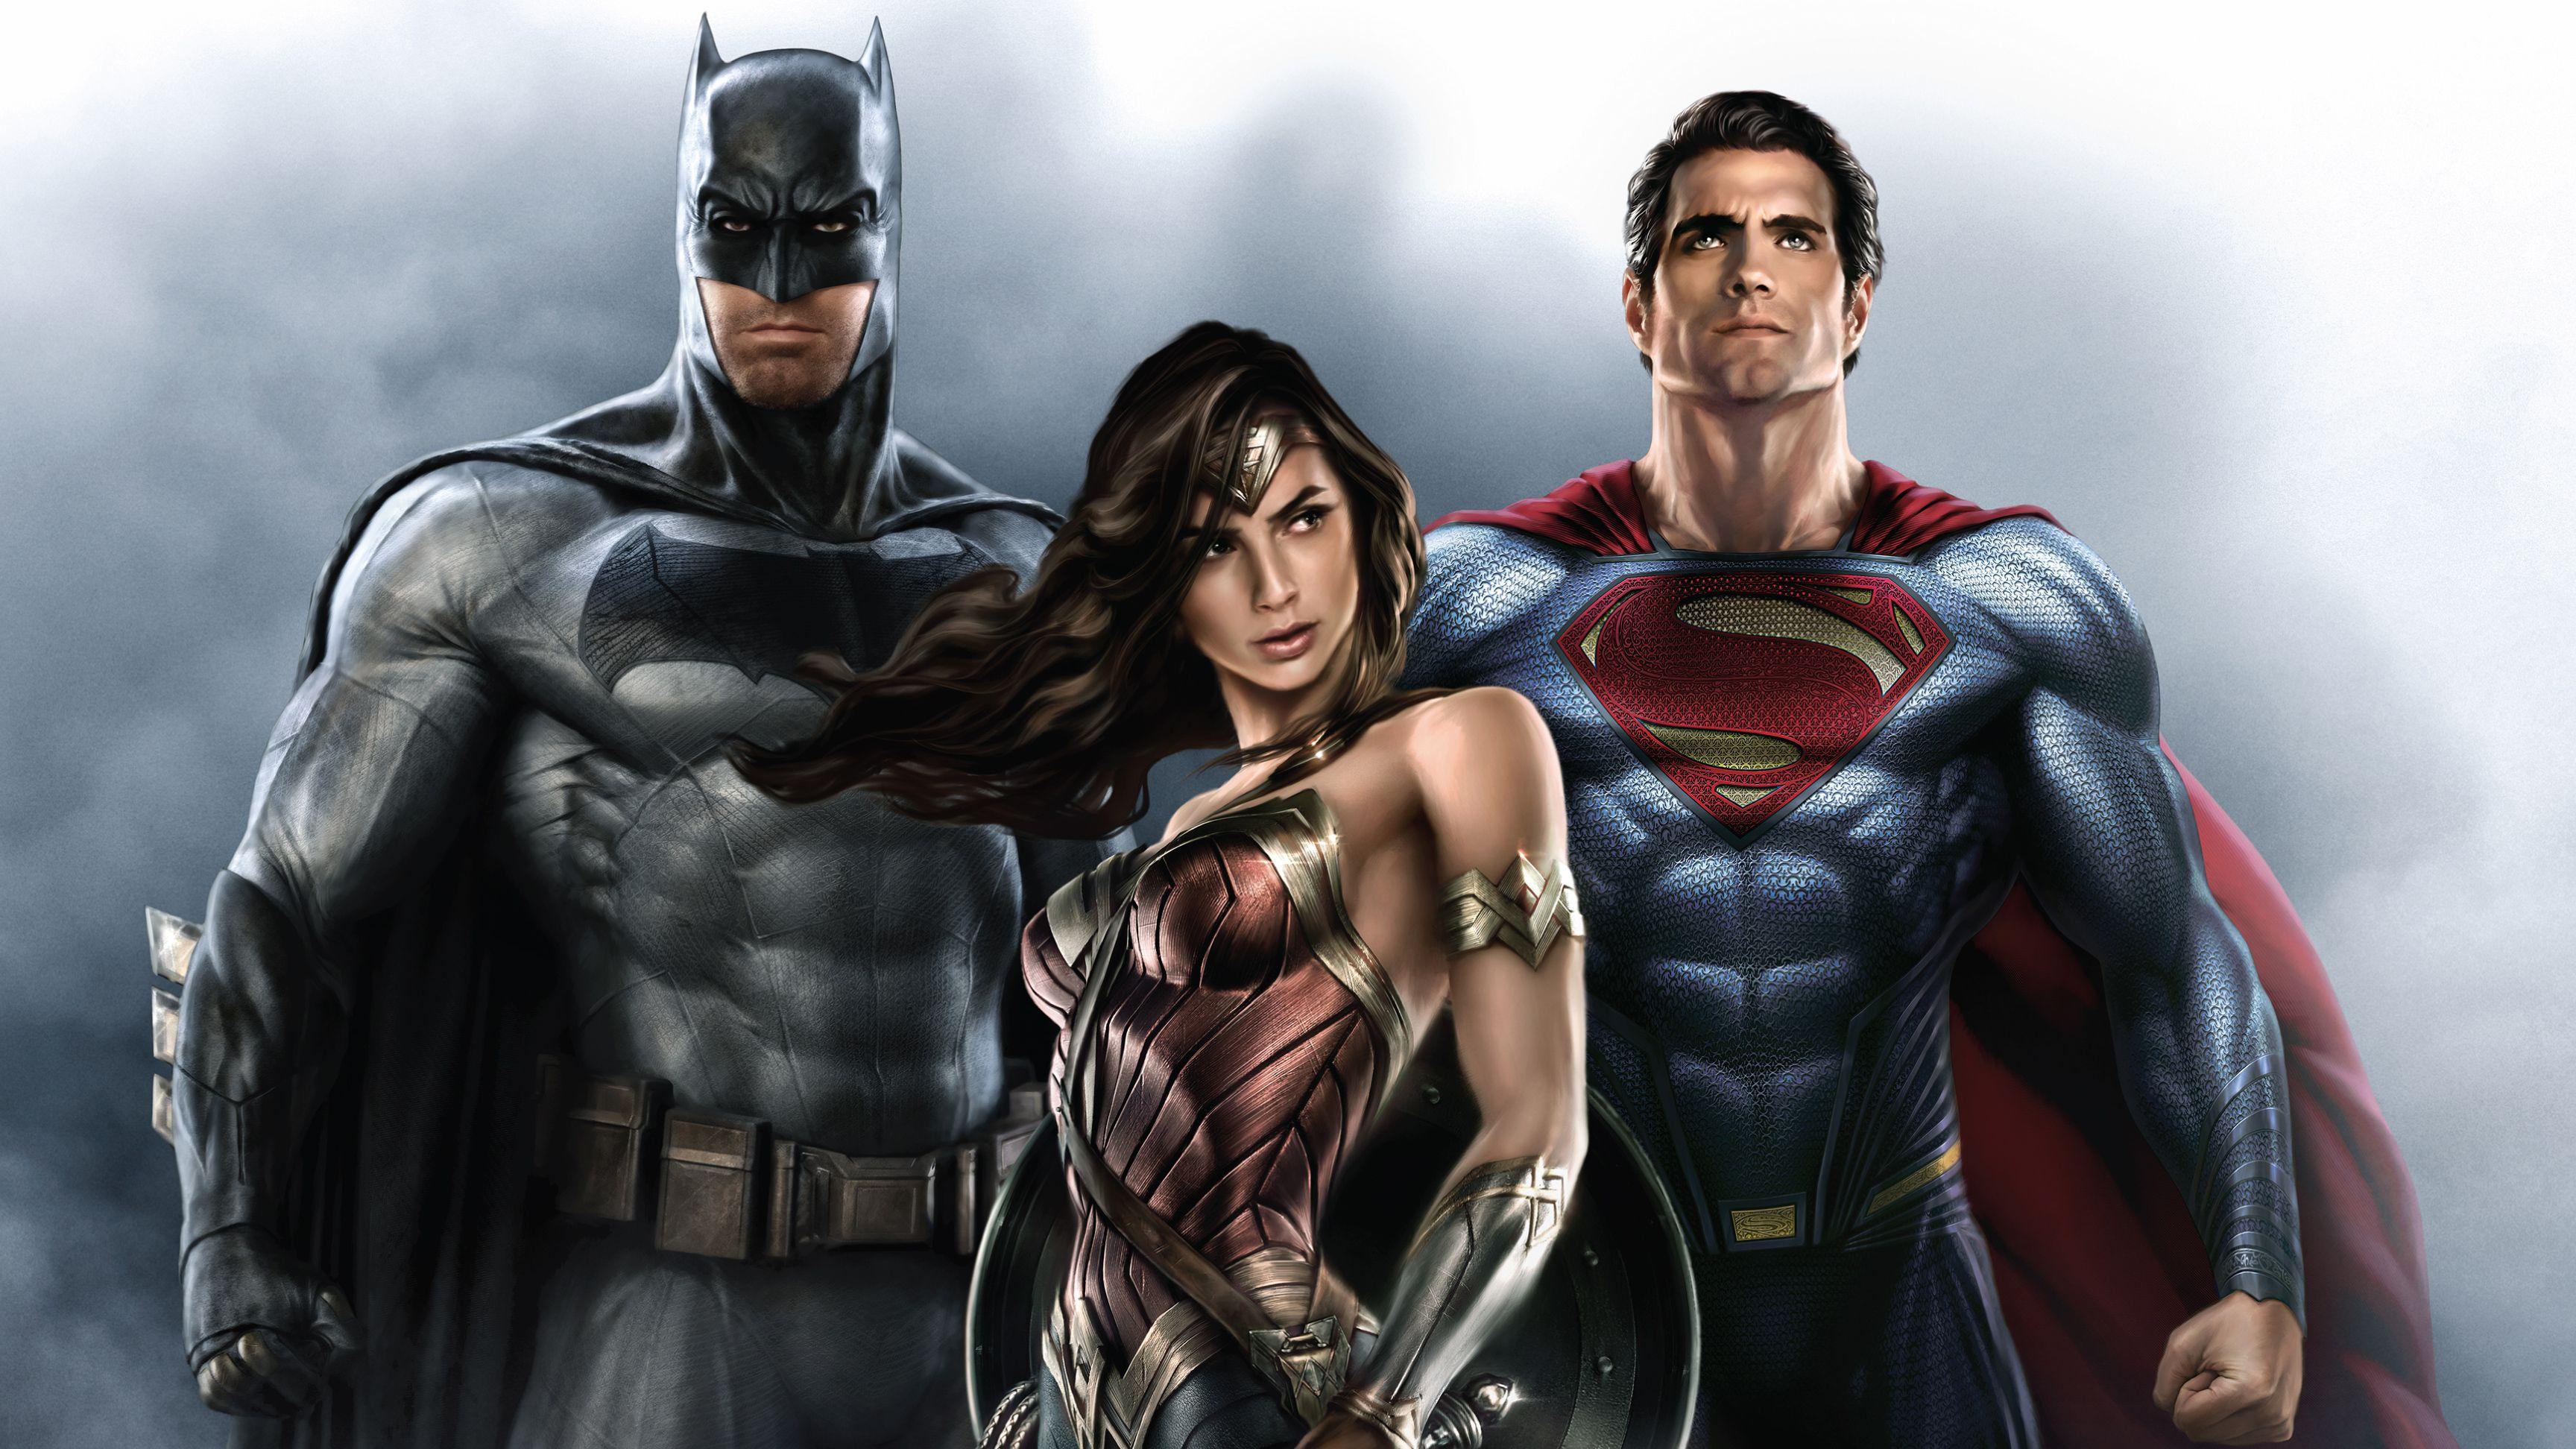 Batman Wonder Woman Superman 4k Wonder Woman Wallpapers Superman Wallpapers Superheroes Wallpapers Hd Wallpape Batman Wonder Woman Superman Wallpaper Batman